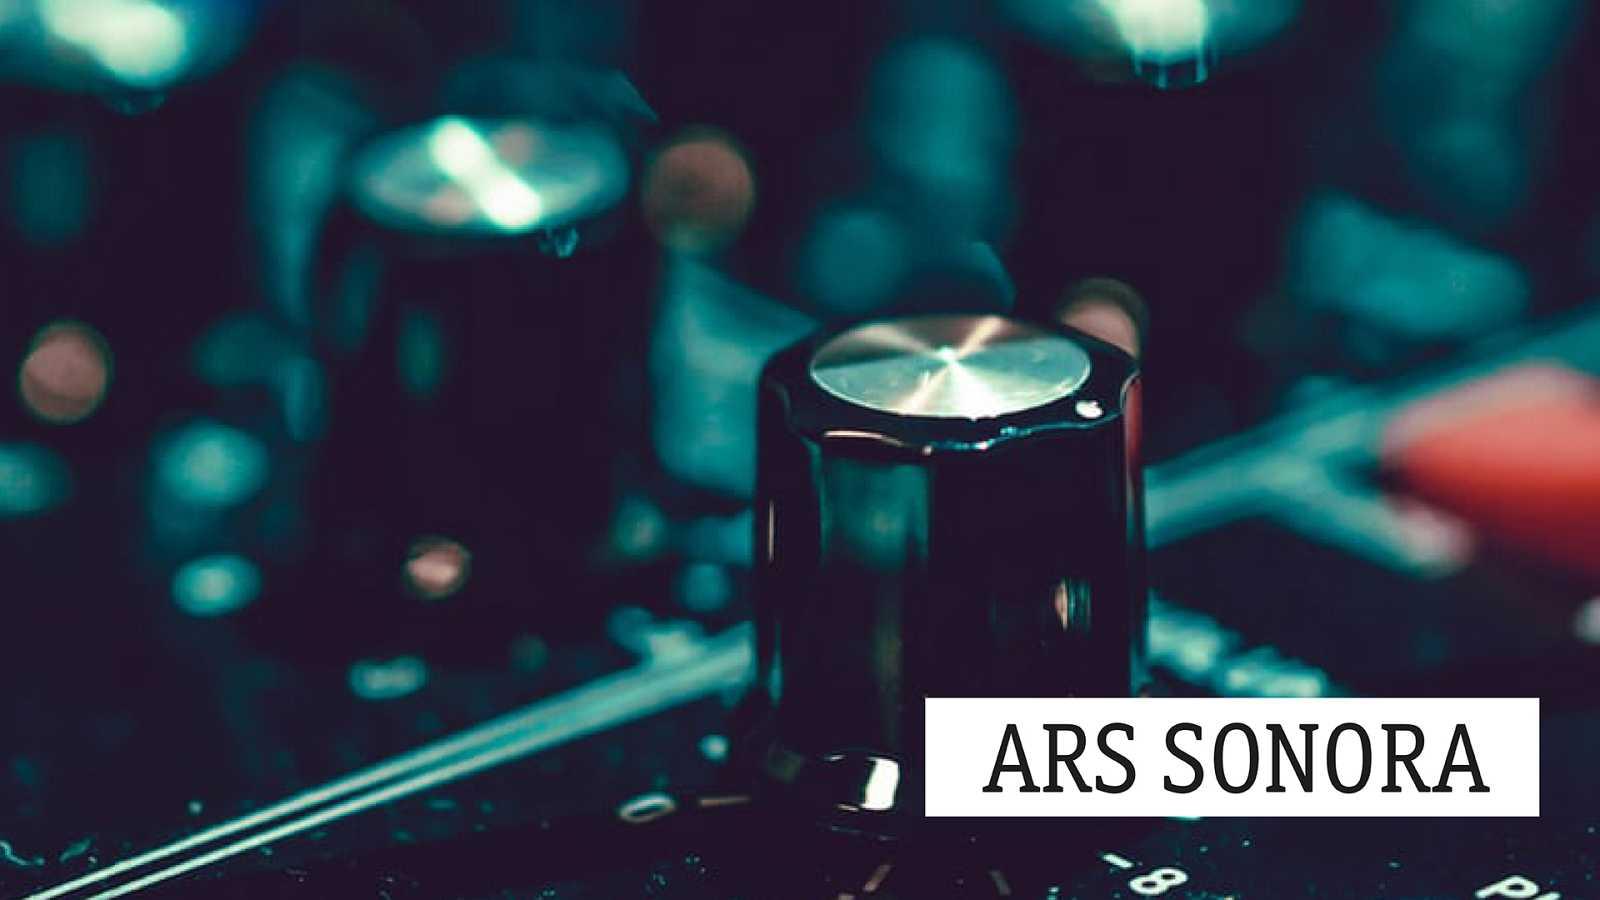 Ars sonora - Eduardo Polonio, ochenta años (I) - 09/01/21 - escuchar ahora